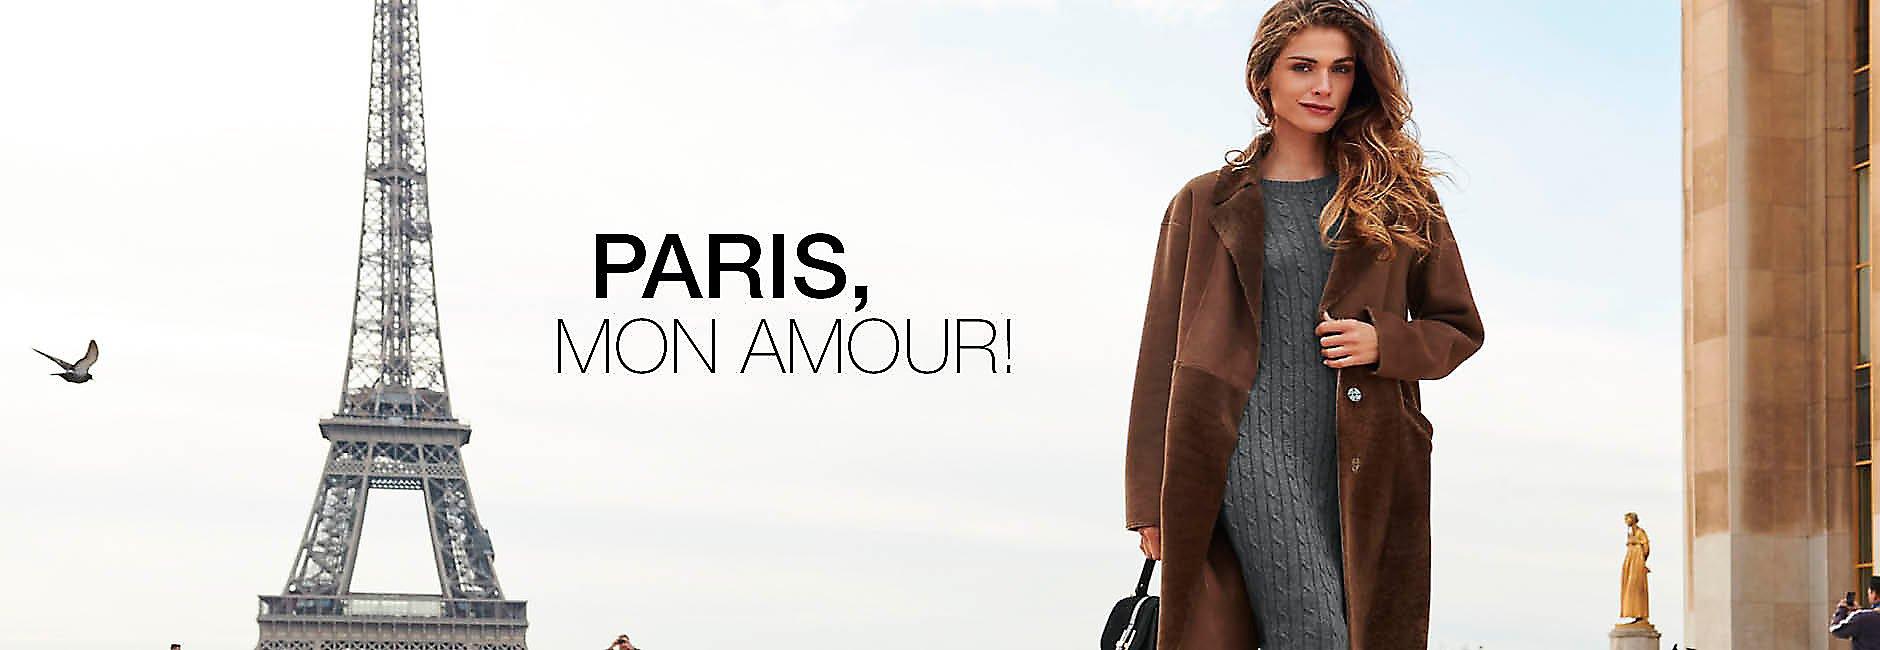 3_Teaser_Paris_mon_amour_deco-d.jpg